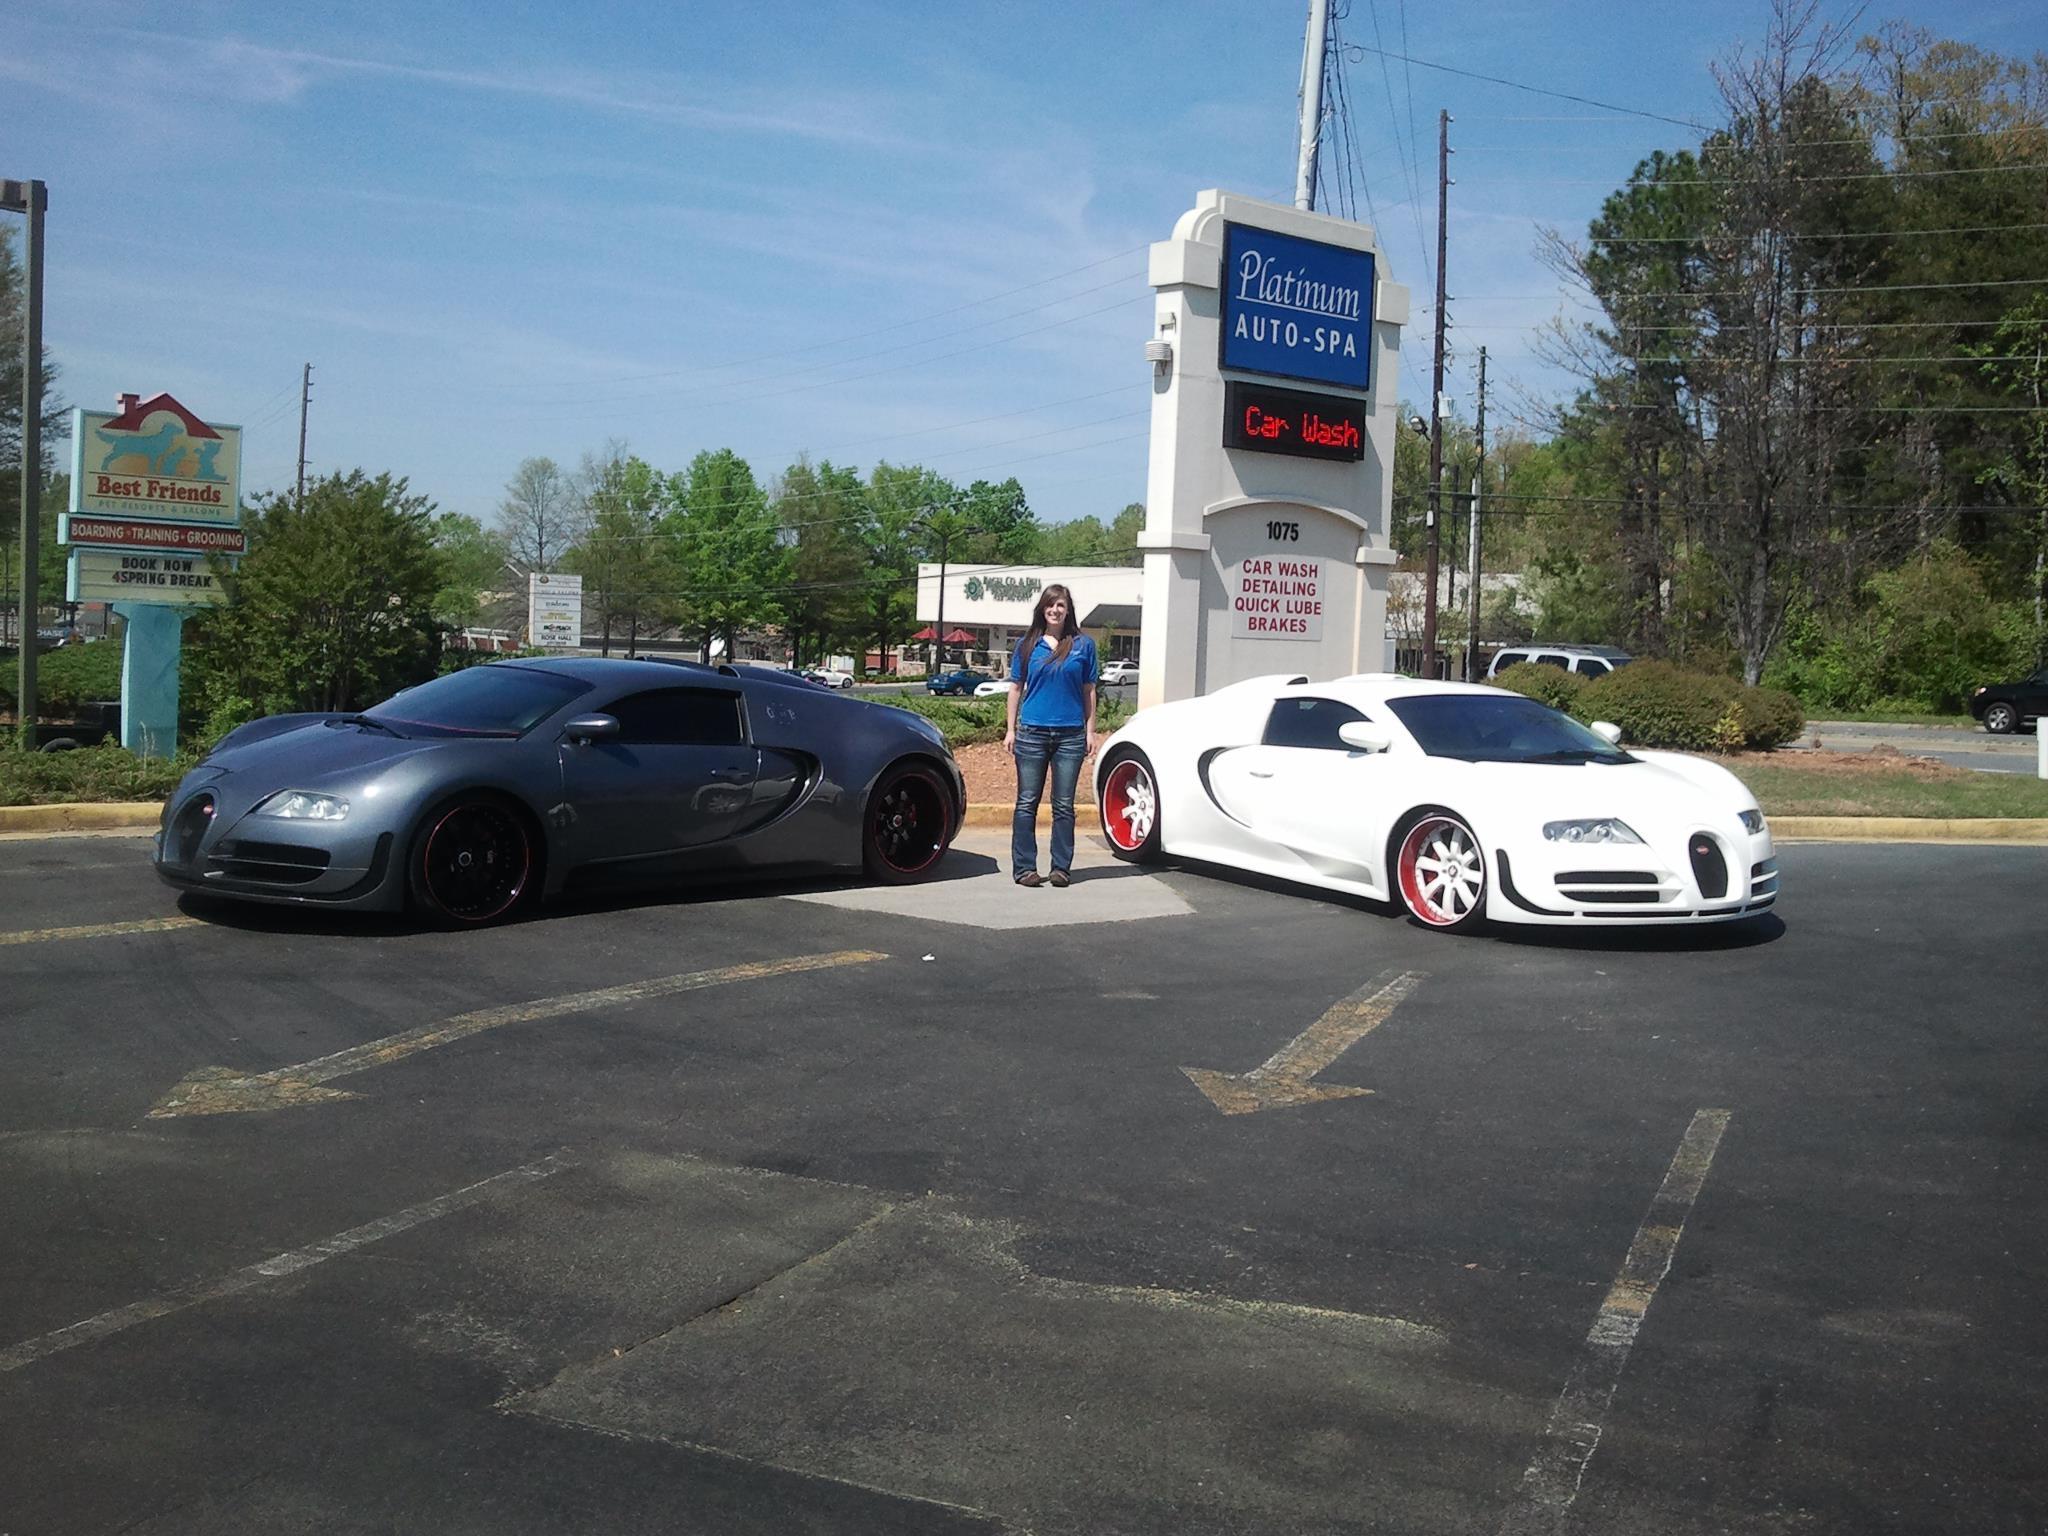 Platinum Auto Spa image 5